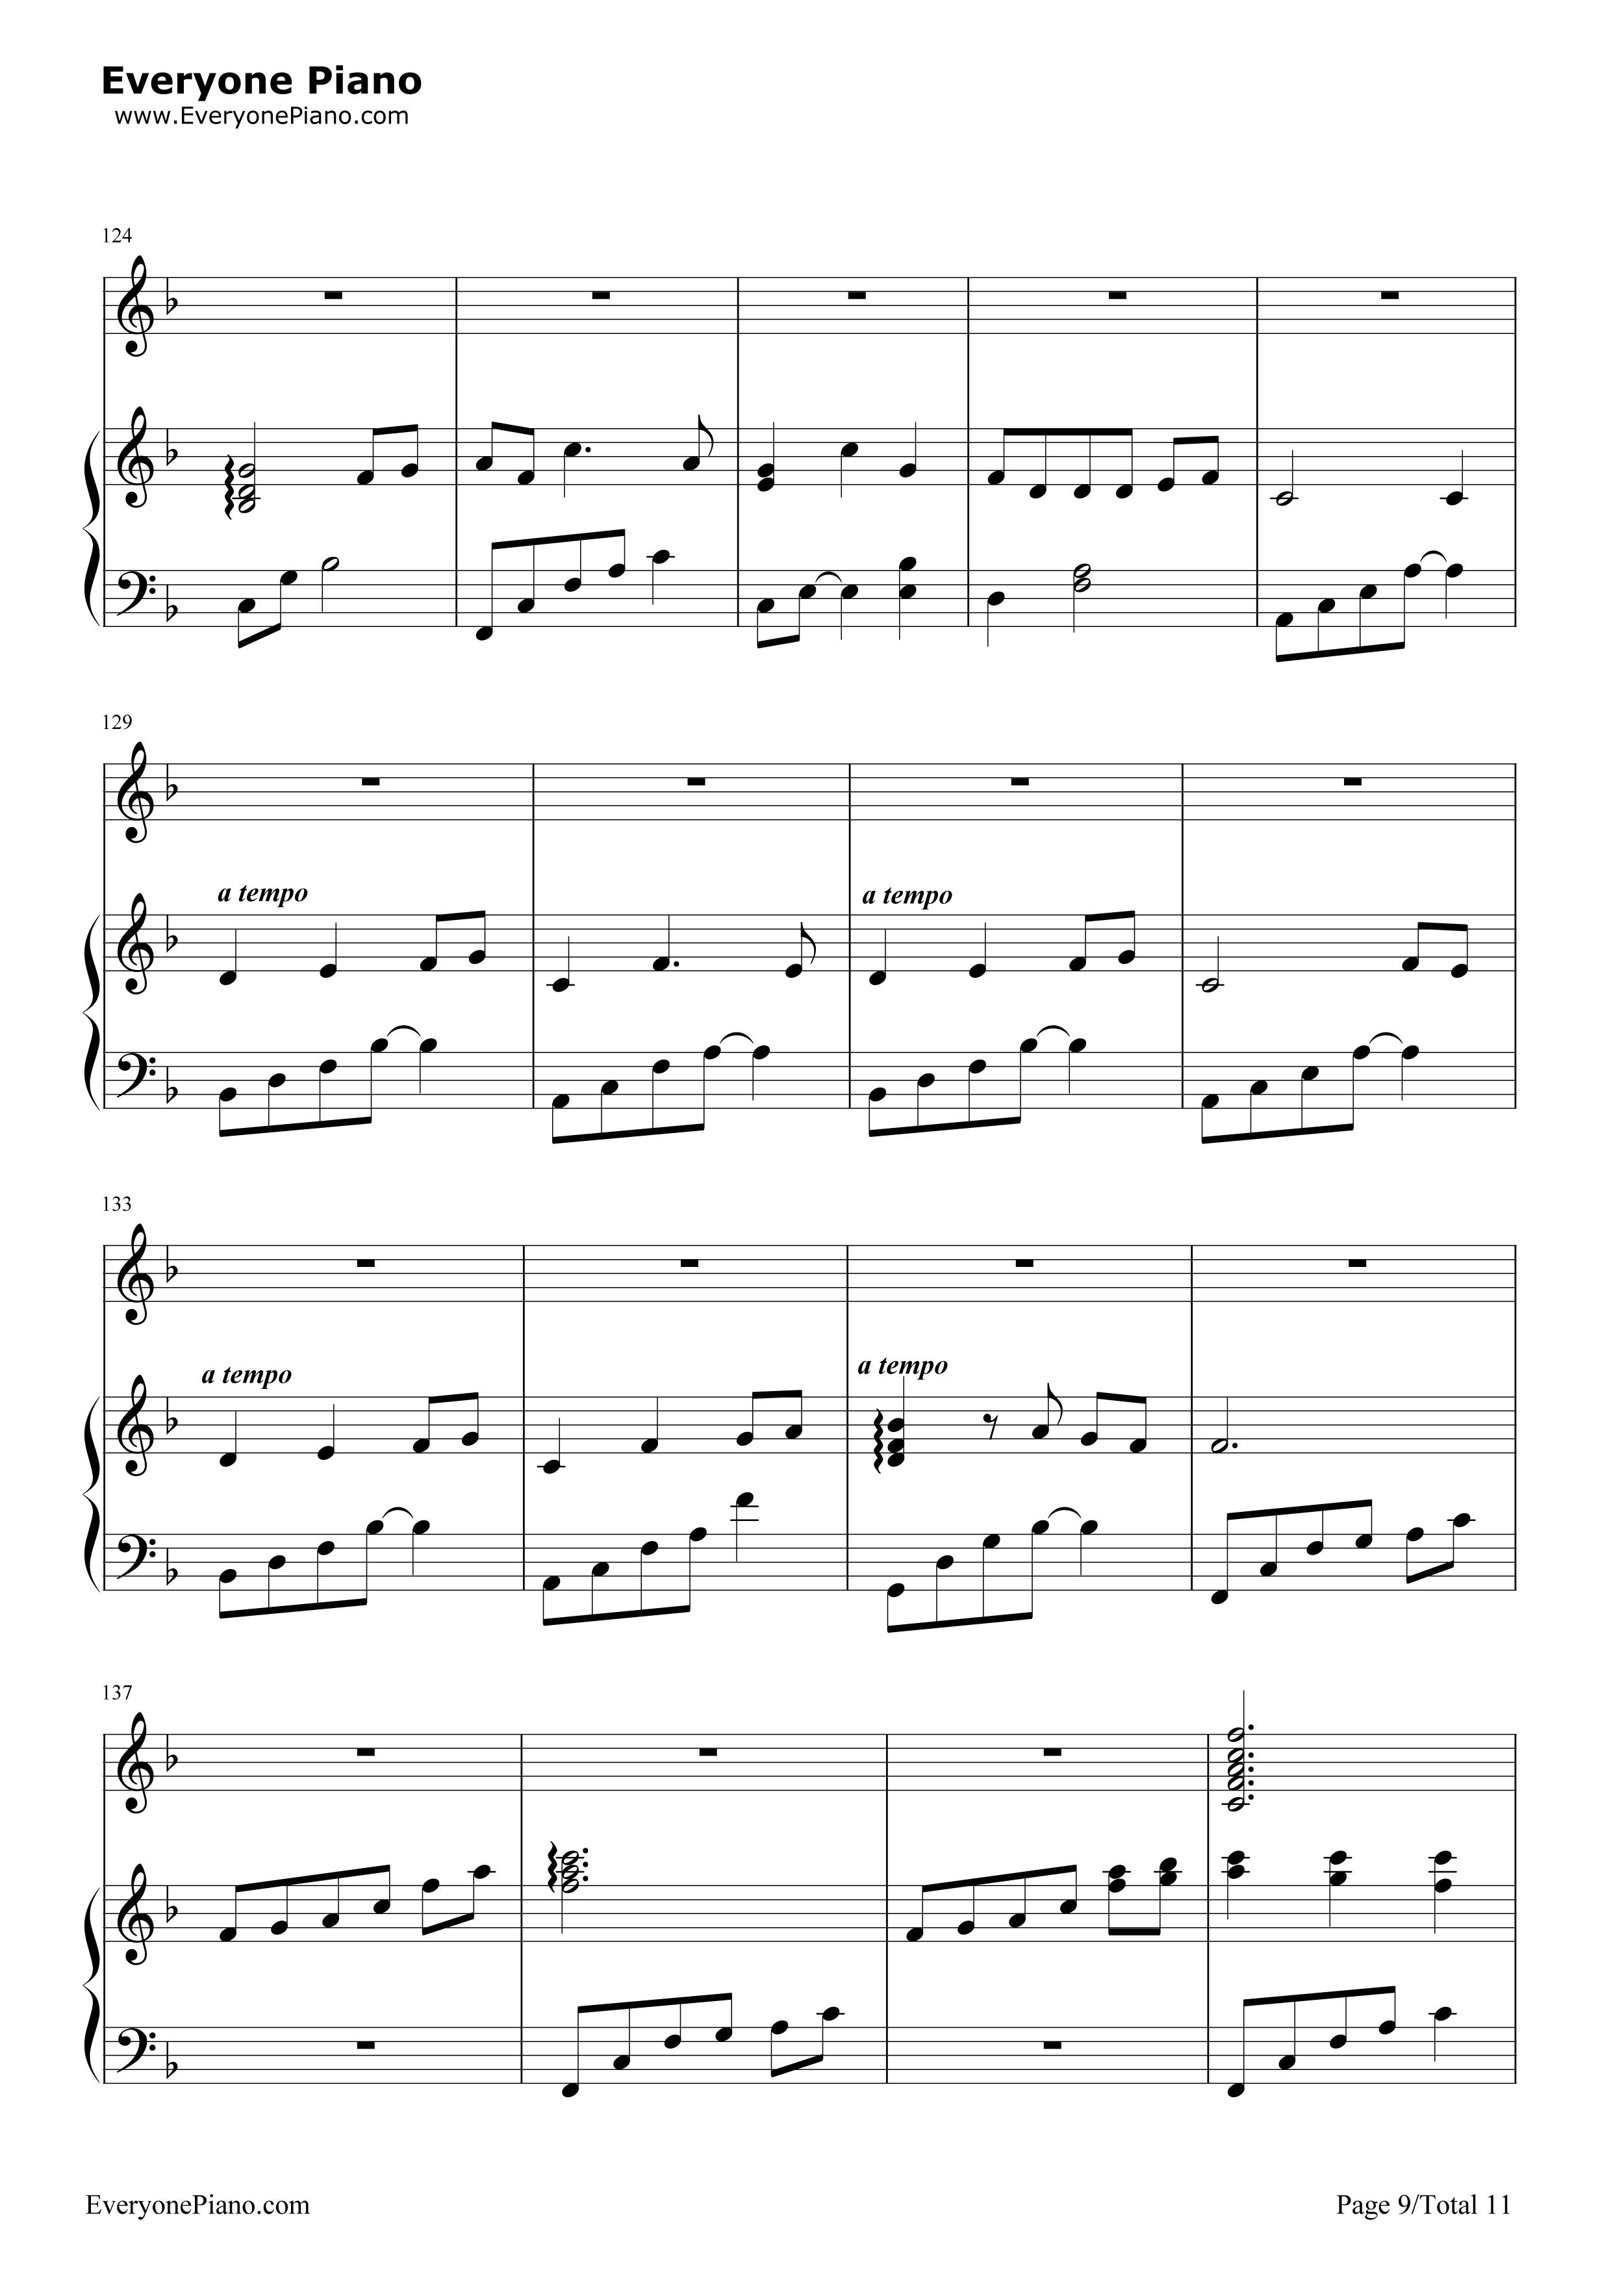 钢琴曲谱 轻音乐 千与千寻和卡农合奏-久石让 千与千寻和卡农合奏